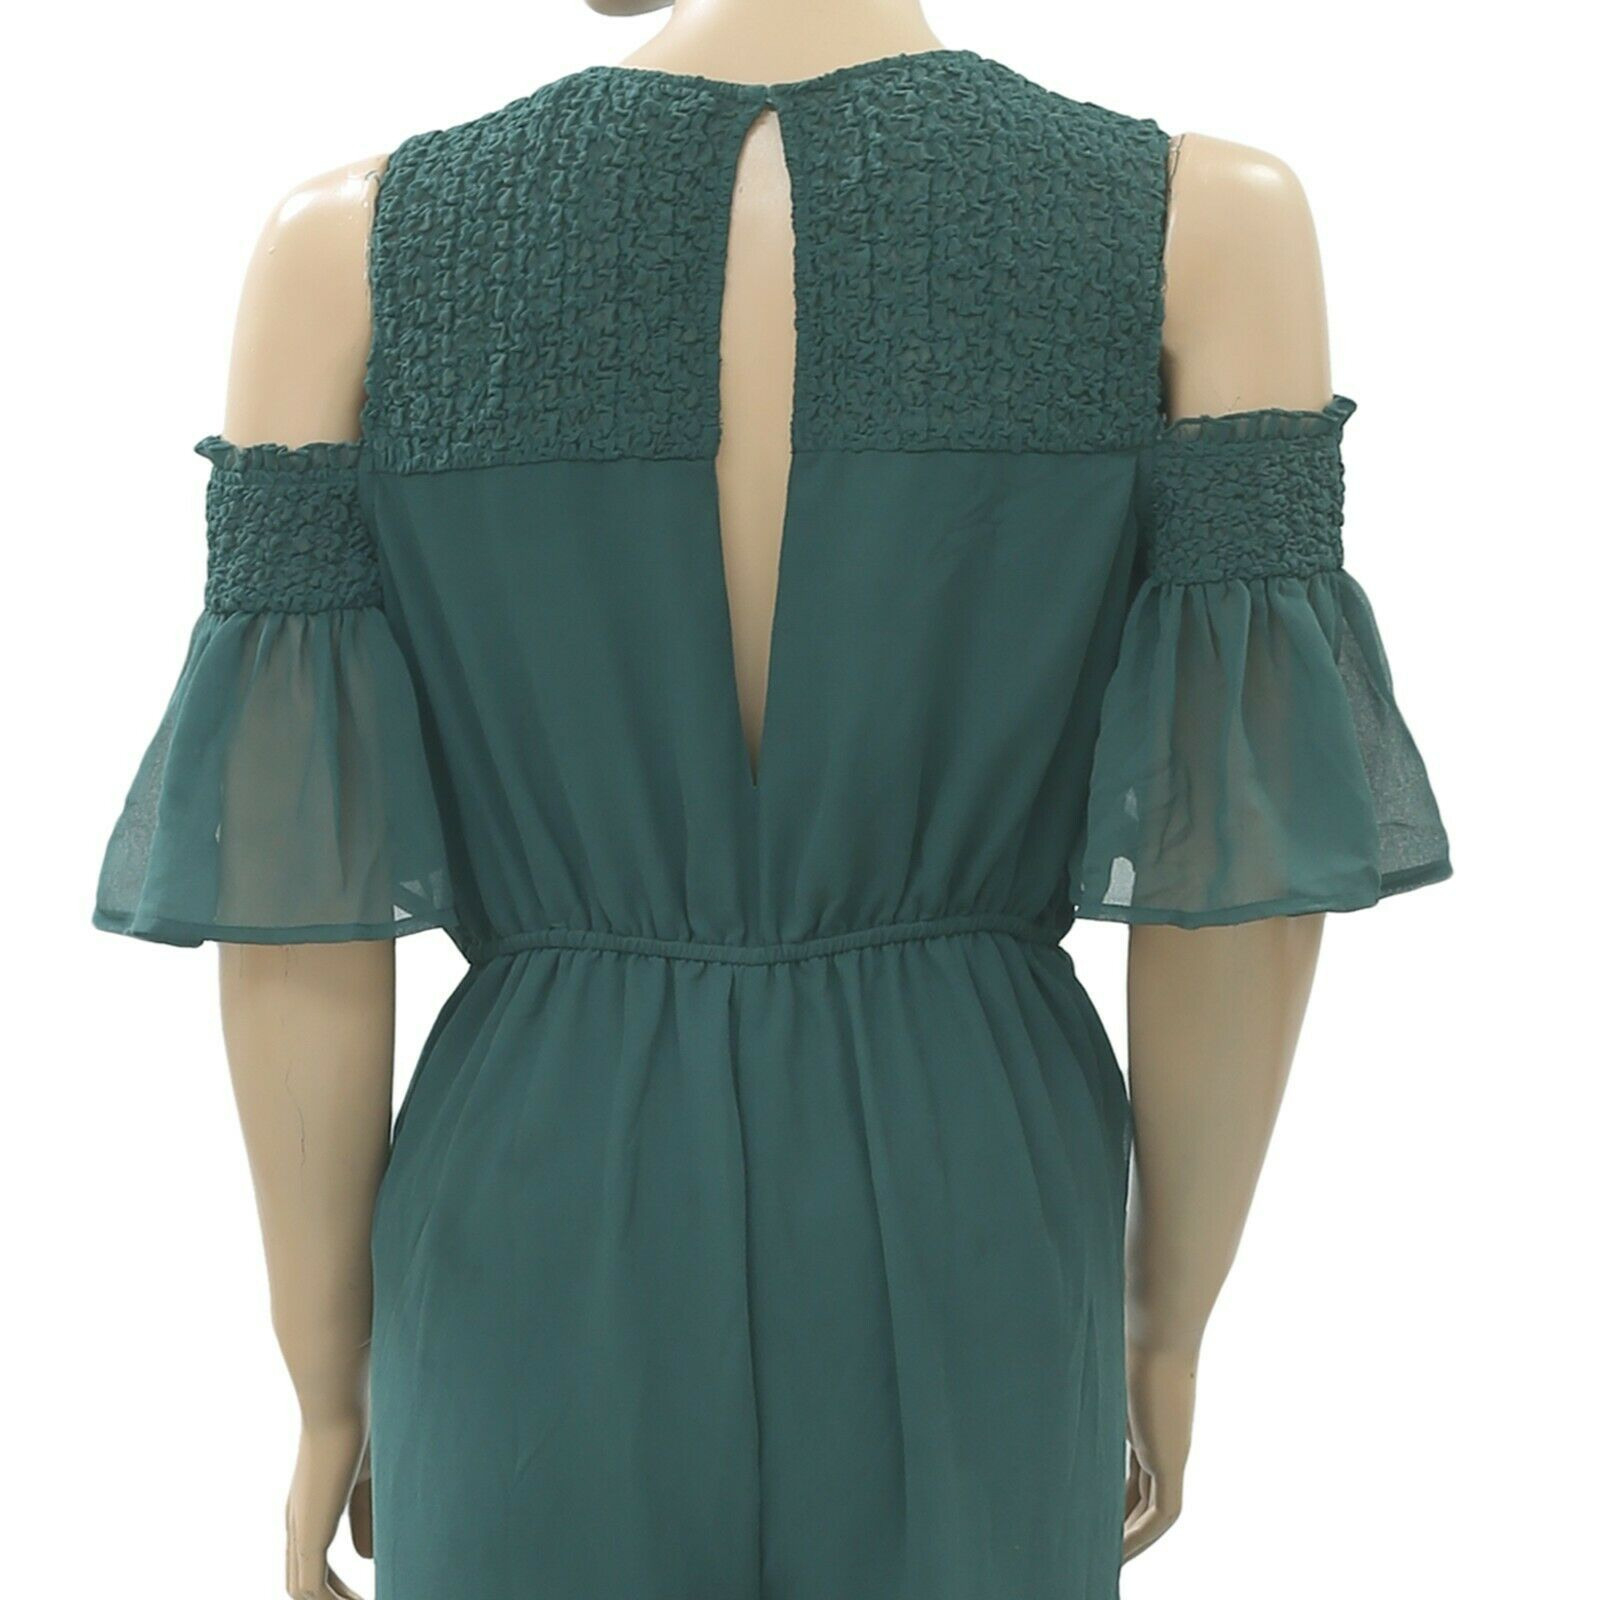 10 Luxus Zara Abend Kleid für 201915 Luxurius Zara Abend Kleid Spezialgebiet